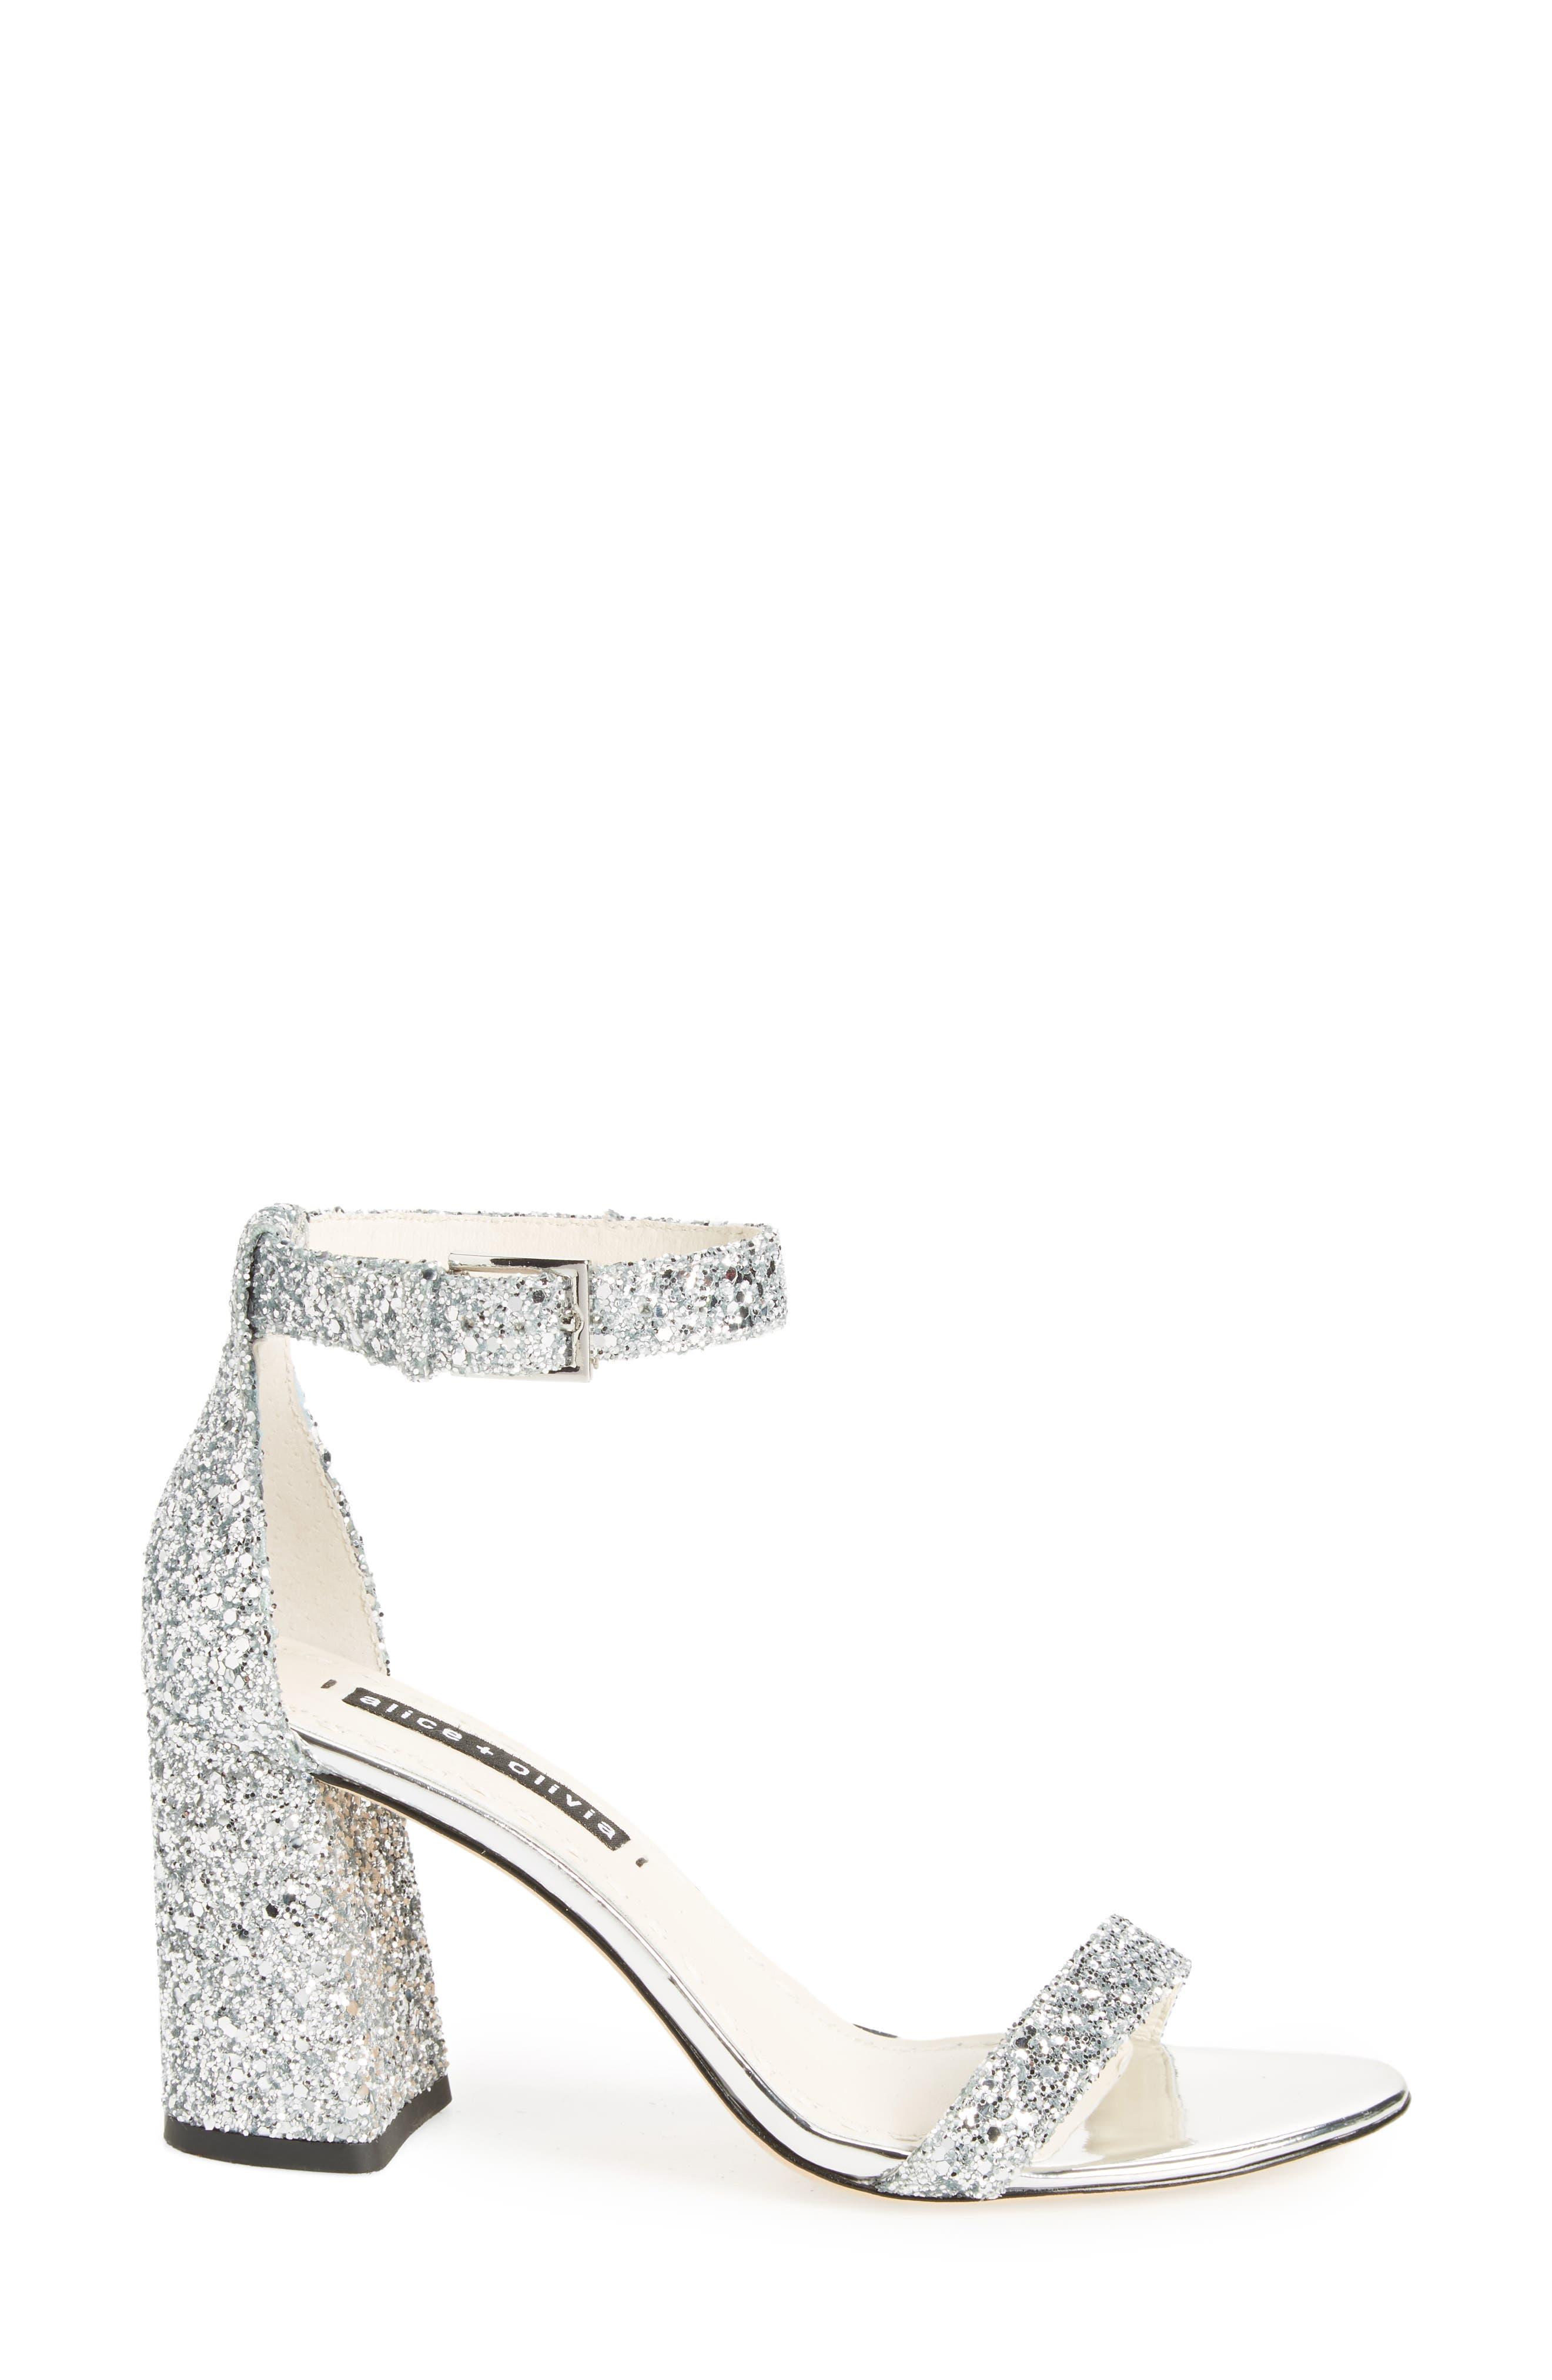 Lillian Glitter Ankle Strap Sandal,                             Alternate thumbnail 3, color,                             020